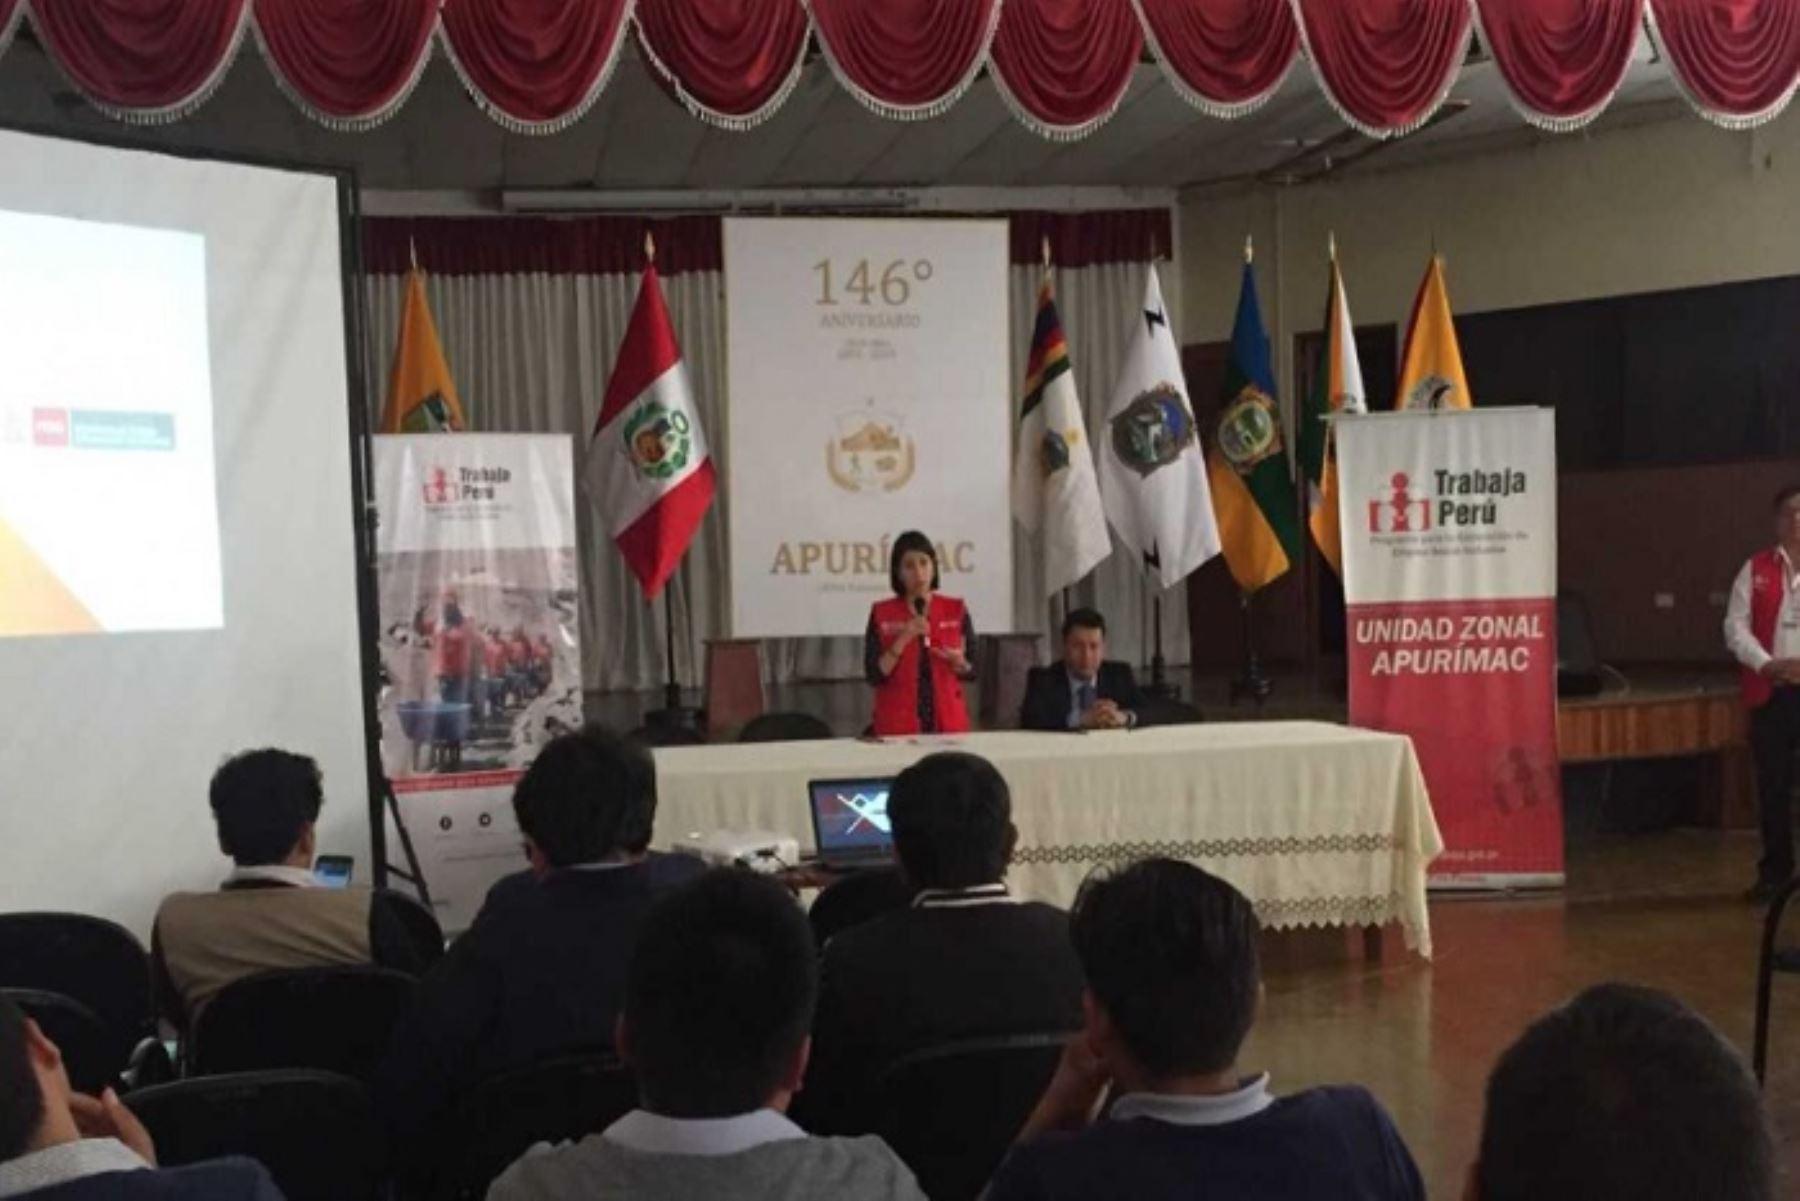 El Ministerio de Trabajo y Promoción del Empleo (MTPE), a través del programa Trabaja Perú, desarrollará 296 proyectos priorizados en todo el país, los cuales generarán más de 17,000 empleos temporales en beneficio de las poblaciones más vulnerables y con una inversión que supera los S/ 67 millones en 20 regiones del país.